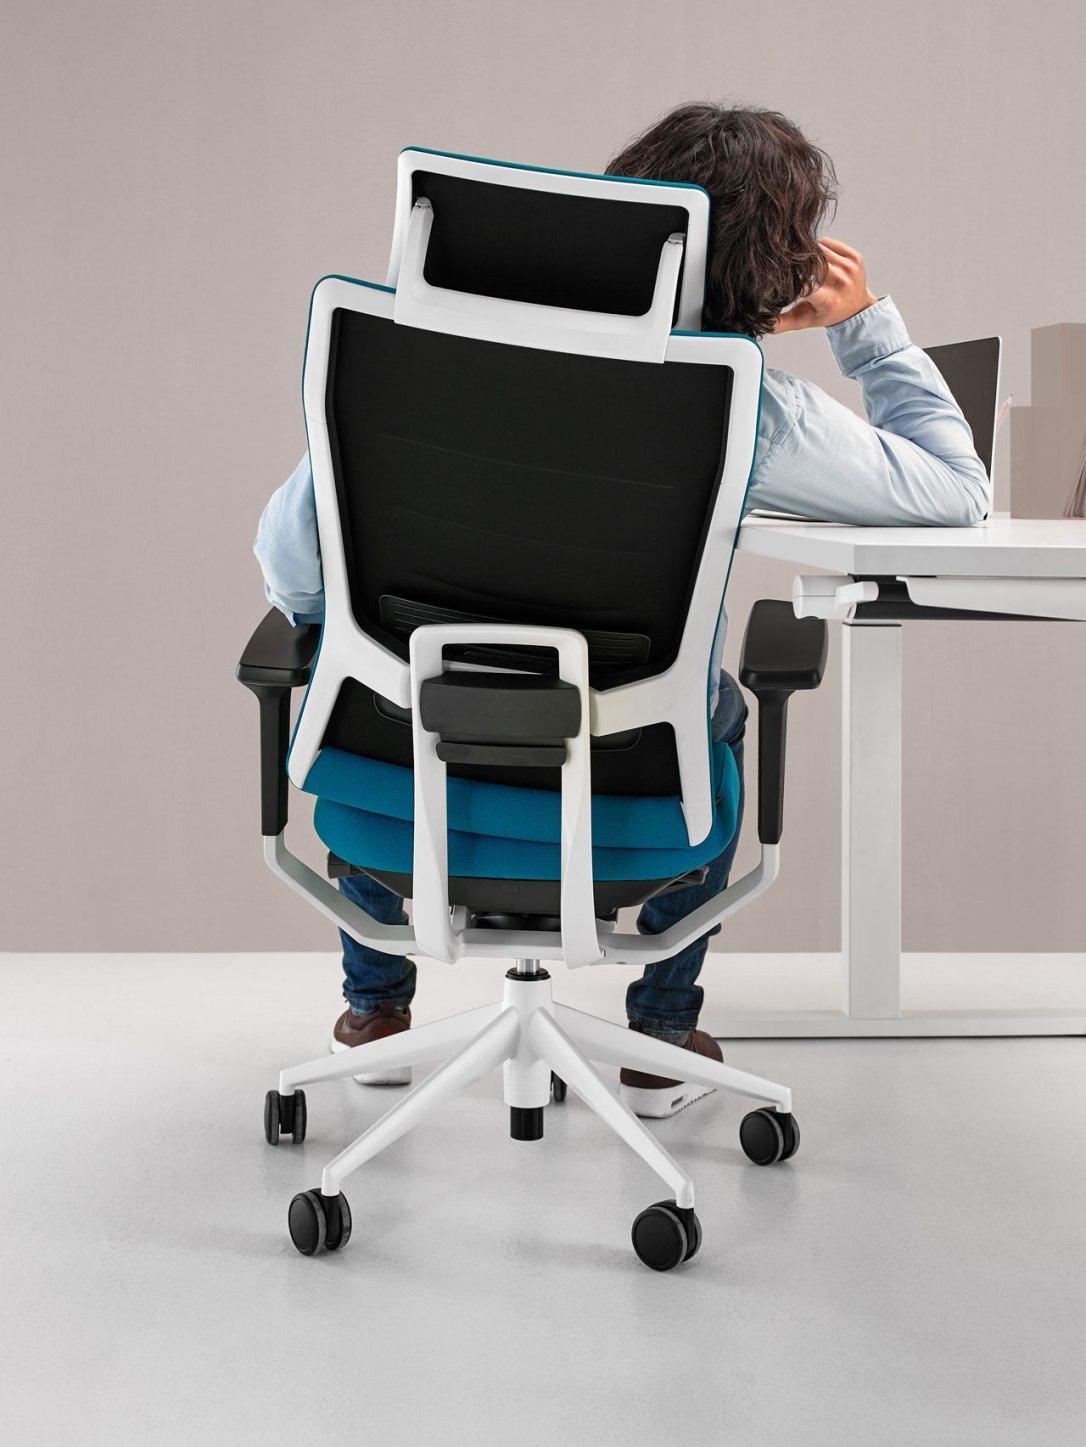 chaise bureau ergonomique Burama